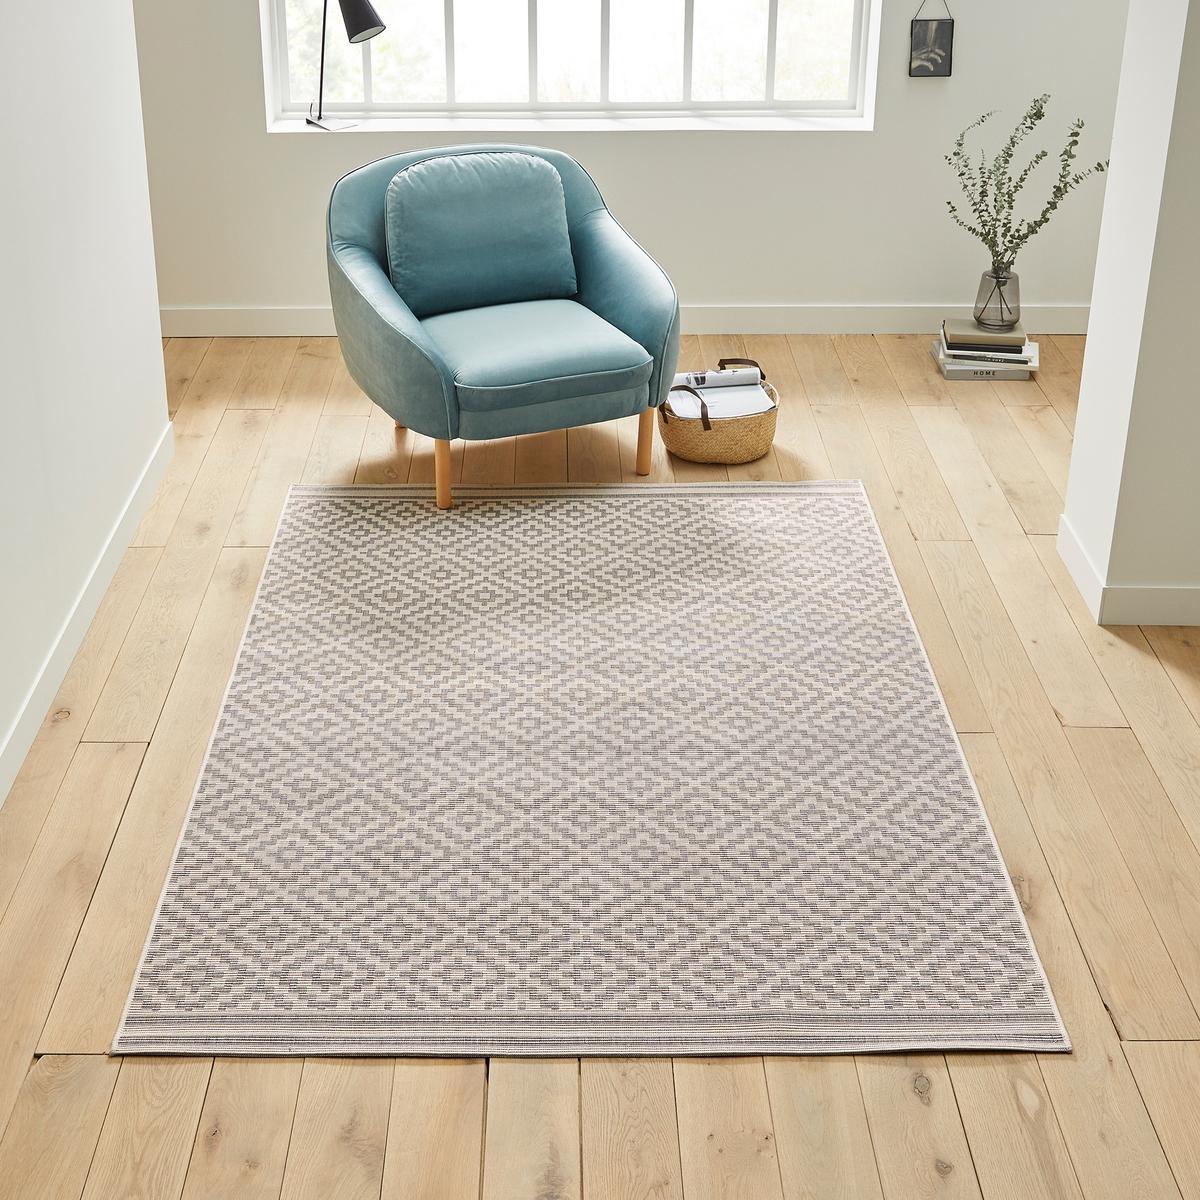 Ковер La Redoute Плоского плетения Akar 120 x 170 см серый ковер la redoute горизонтального плетения с рисунком цементная плитка iswik 120 x 170 см бежевый